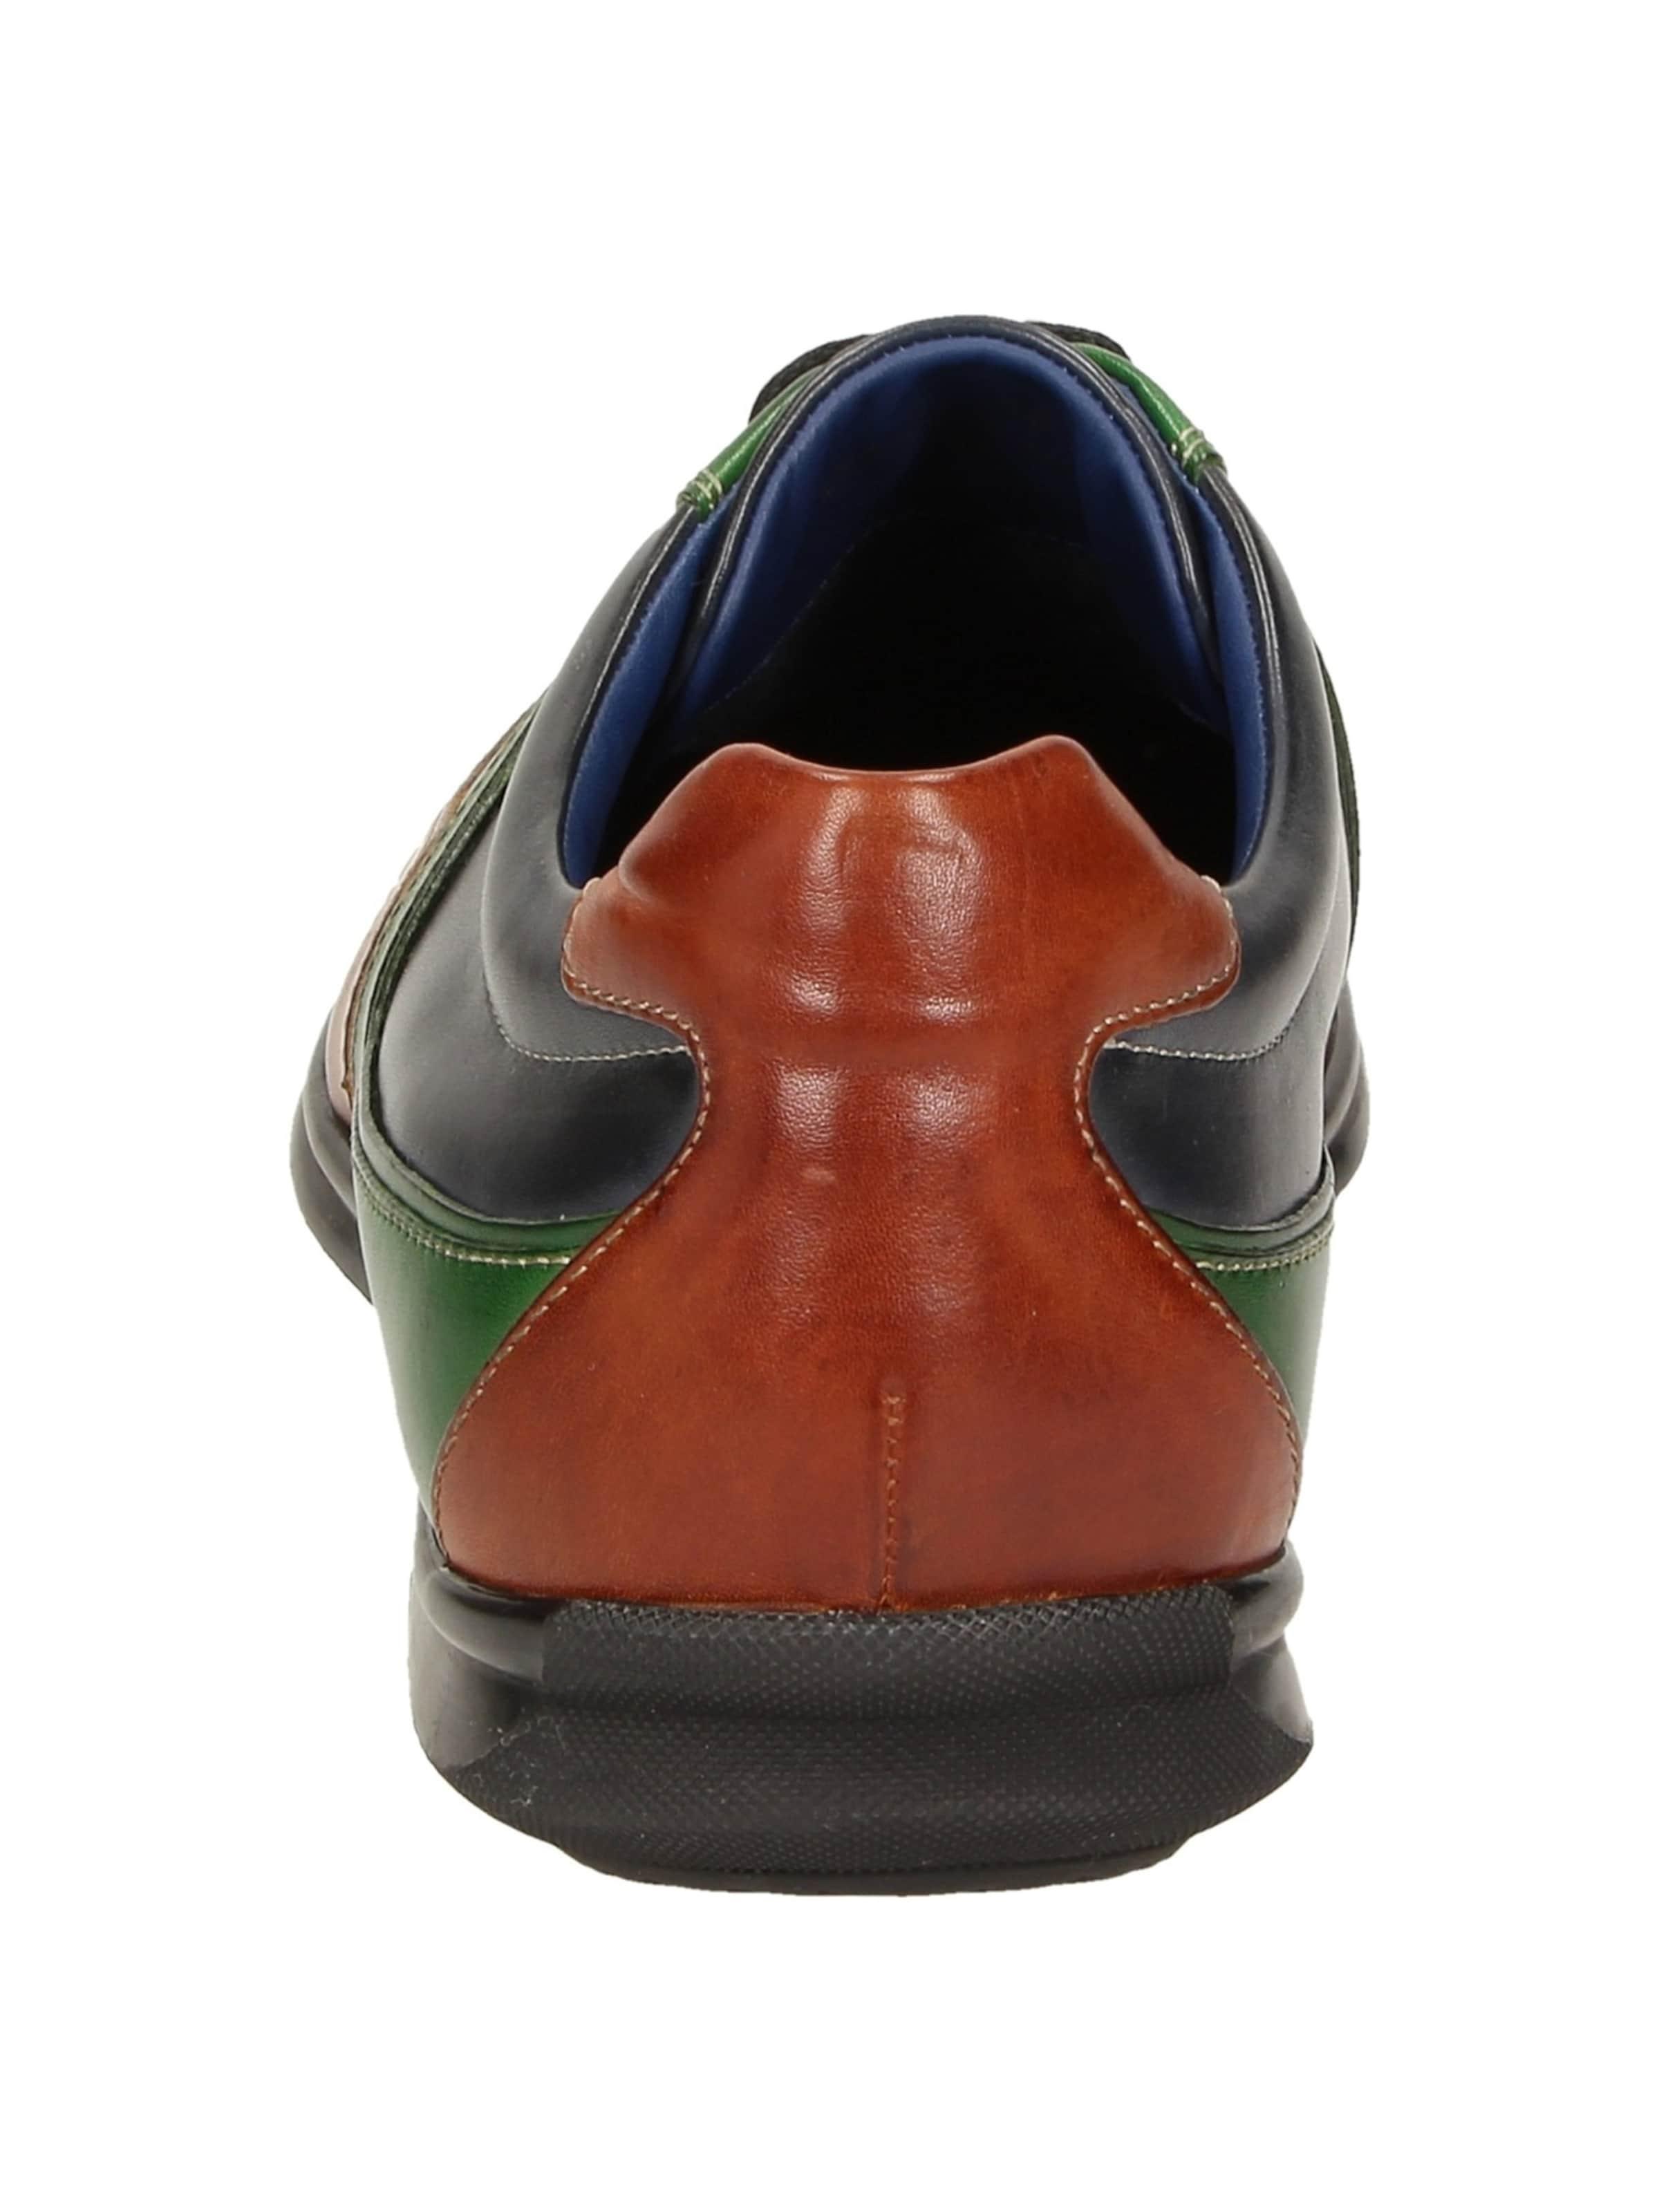 Sneaker 'monaim 700' In Mischfarben Sioux rdxeWCBo